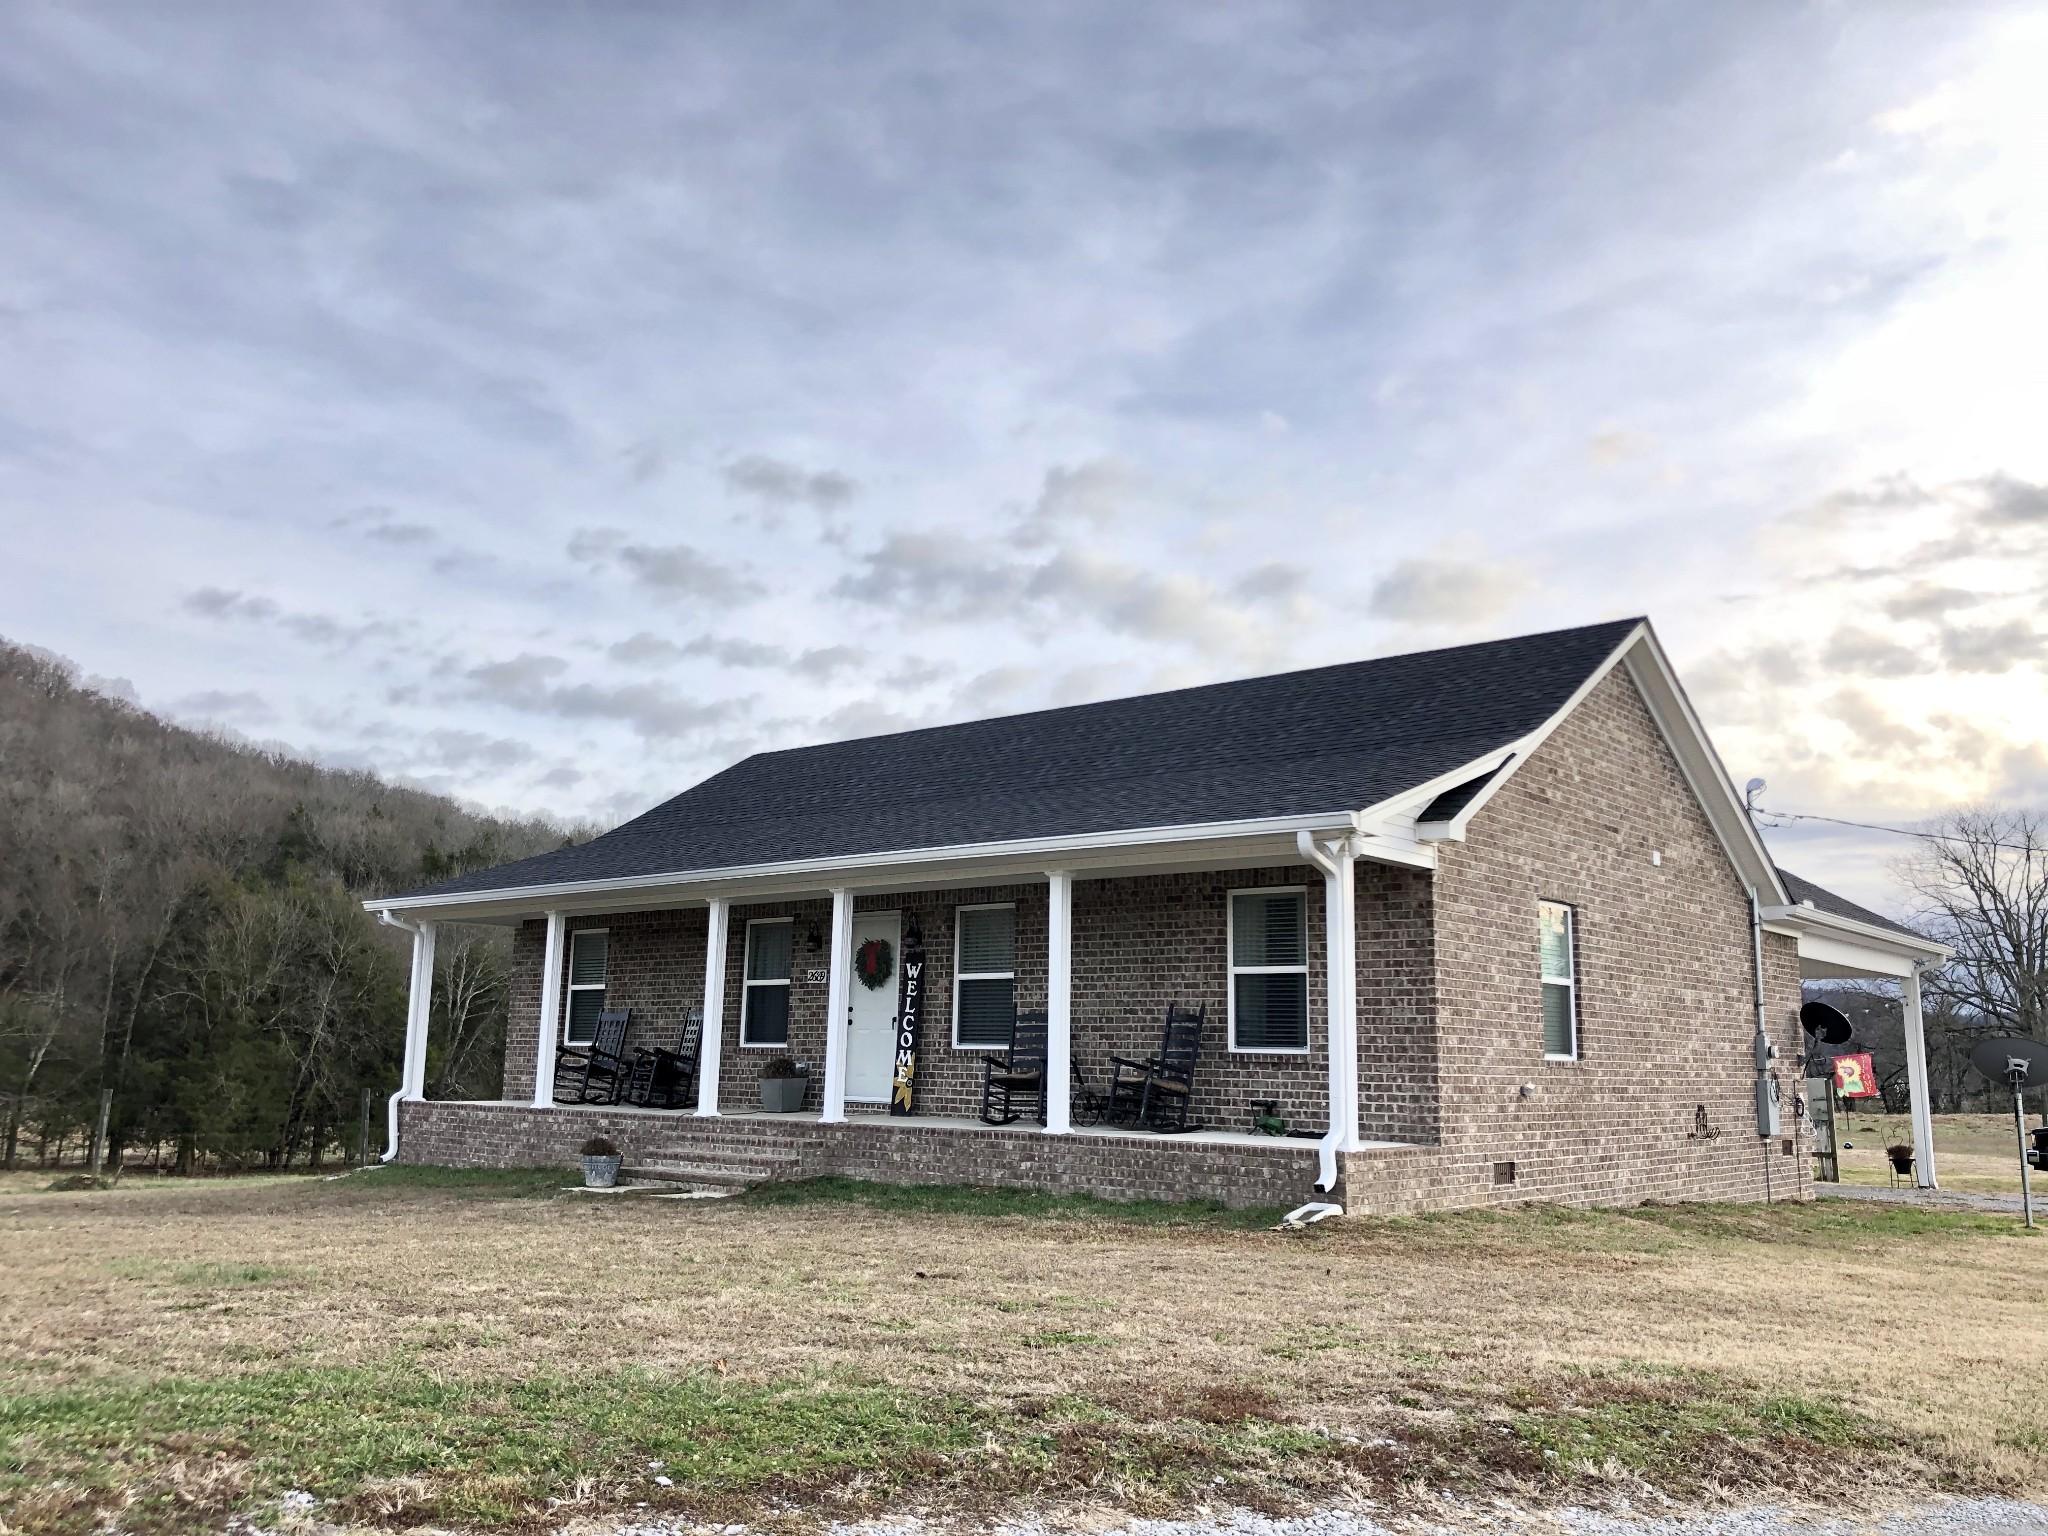 2689 Toll Gate Rd, Petersburg, TN 37144 - Petersburg, TN real estate listing